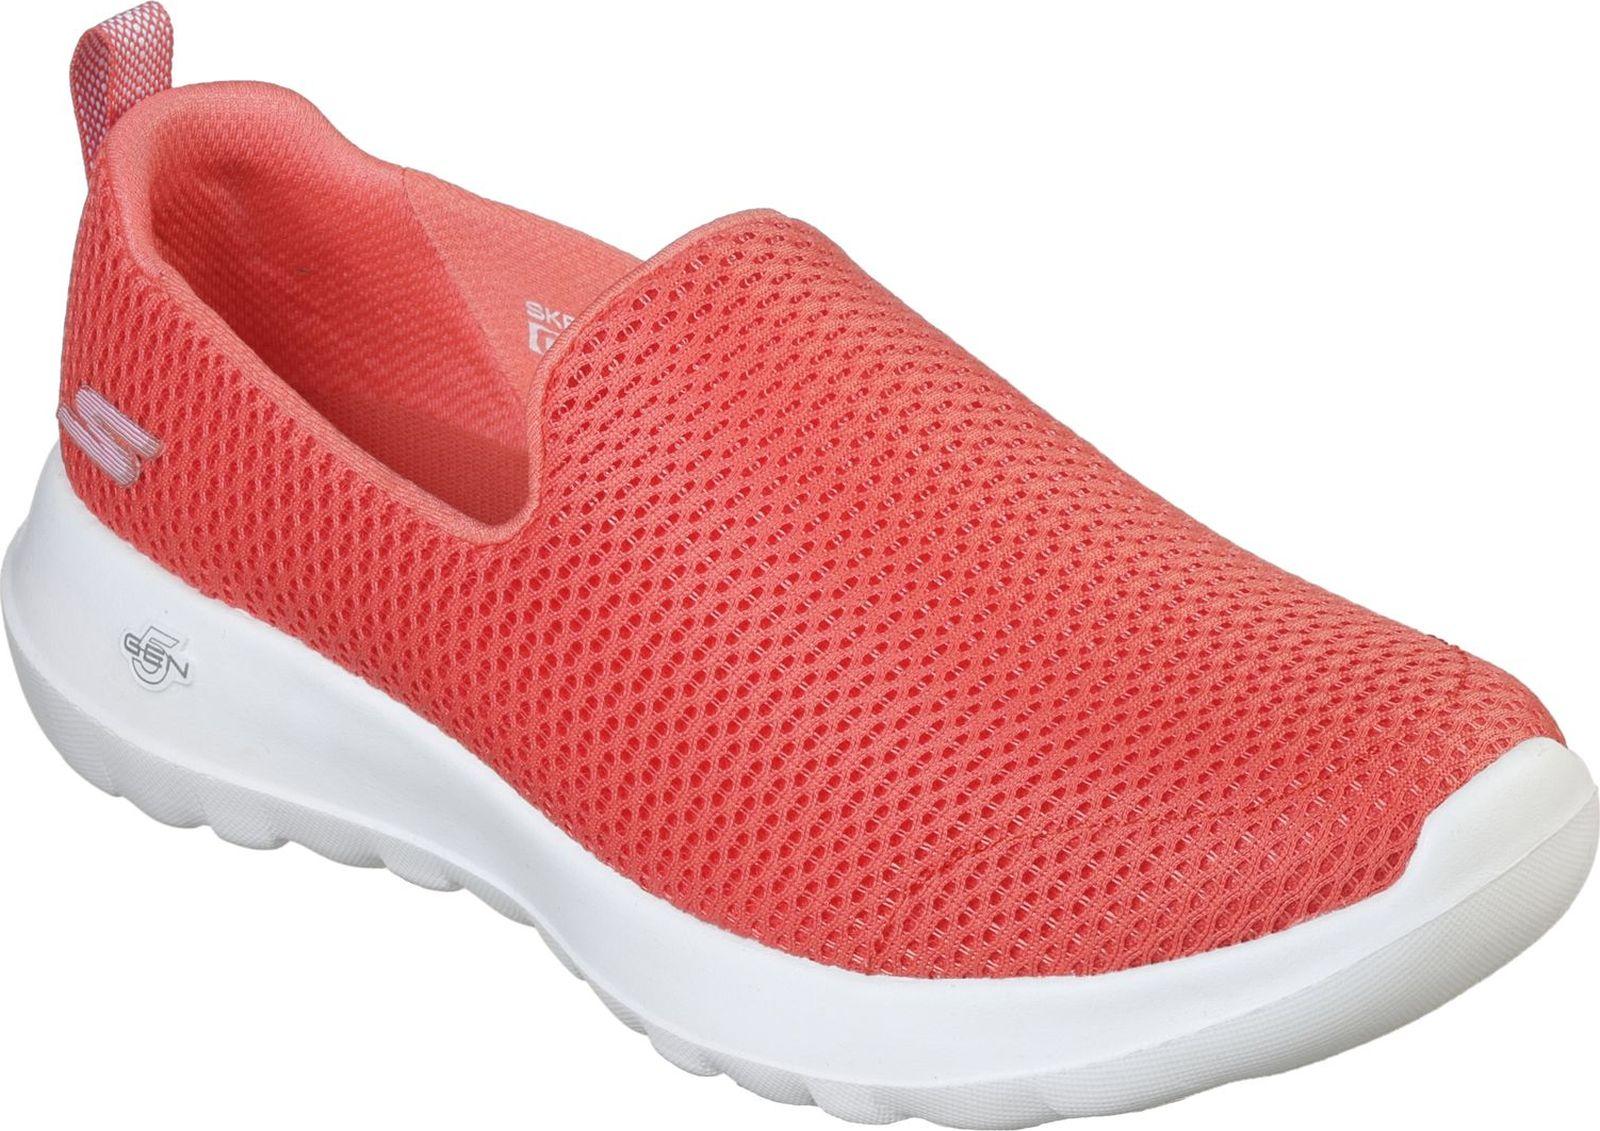 Слипоны Skechers Go Walk Joy кроссовки женские skechers d'lites bright blossoms цвет светло розовый 11977 ltpk размер 5 5 35